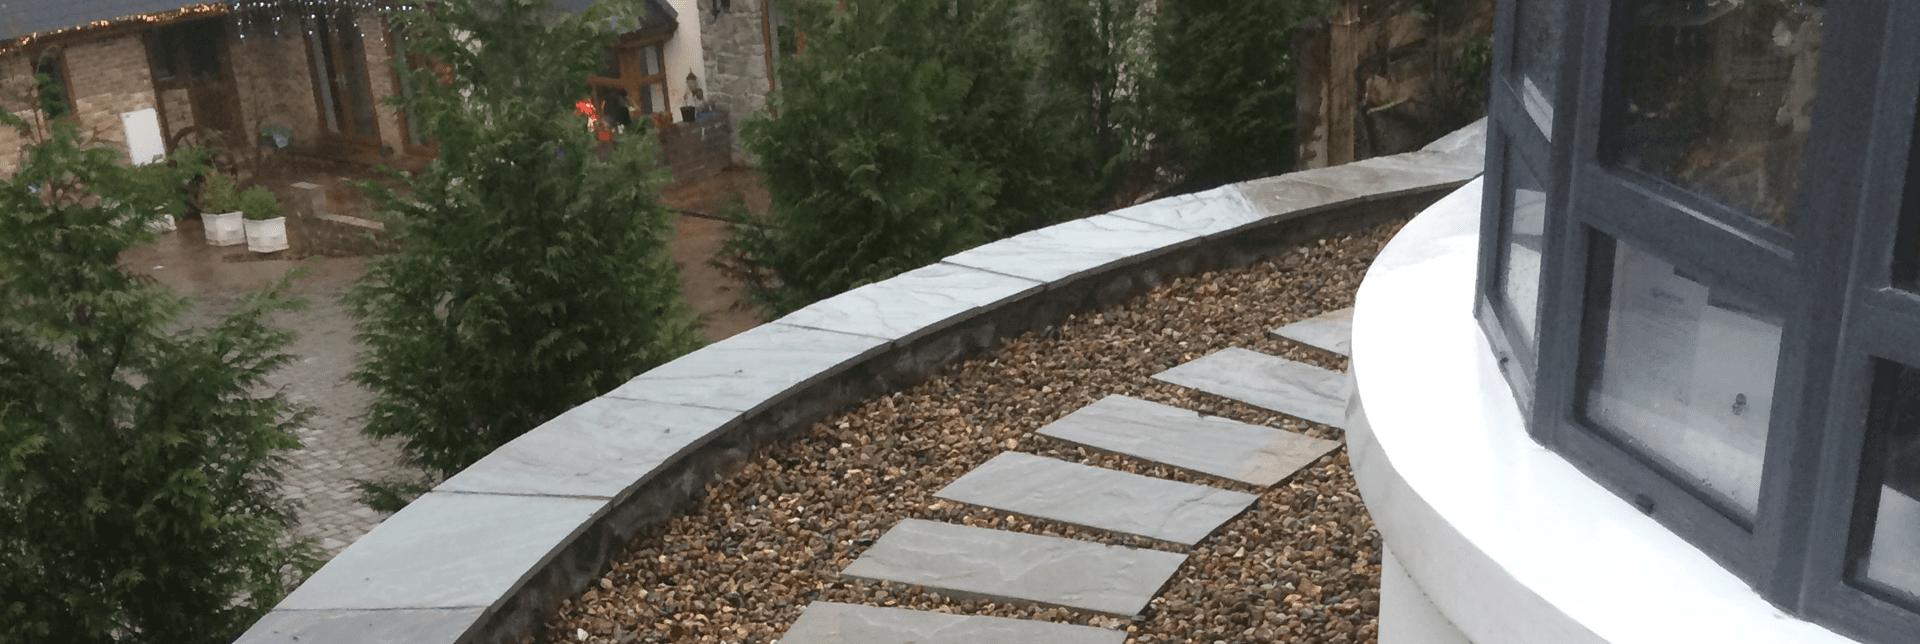 A new garden path